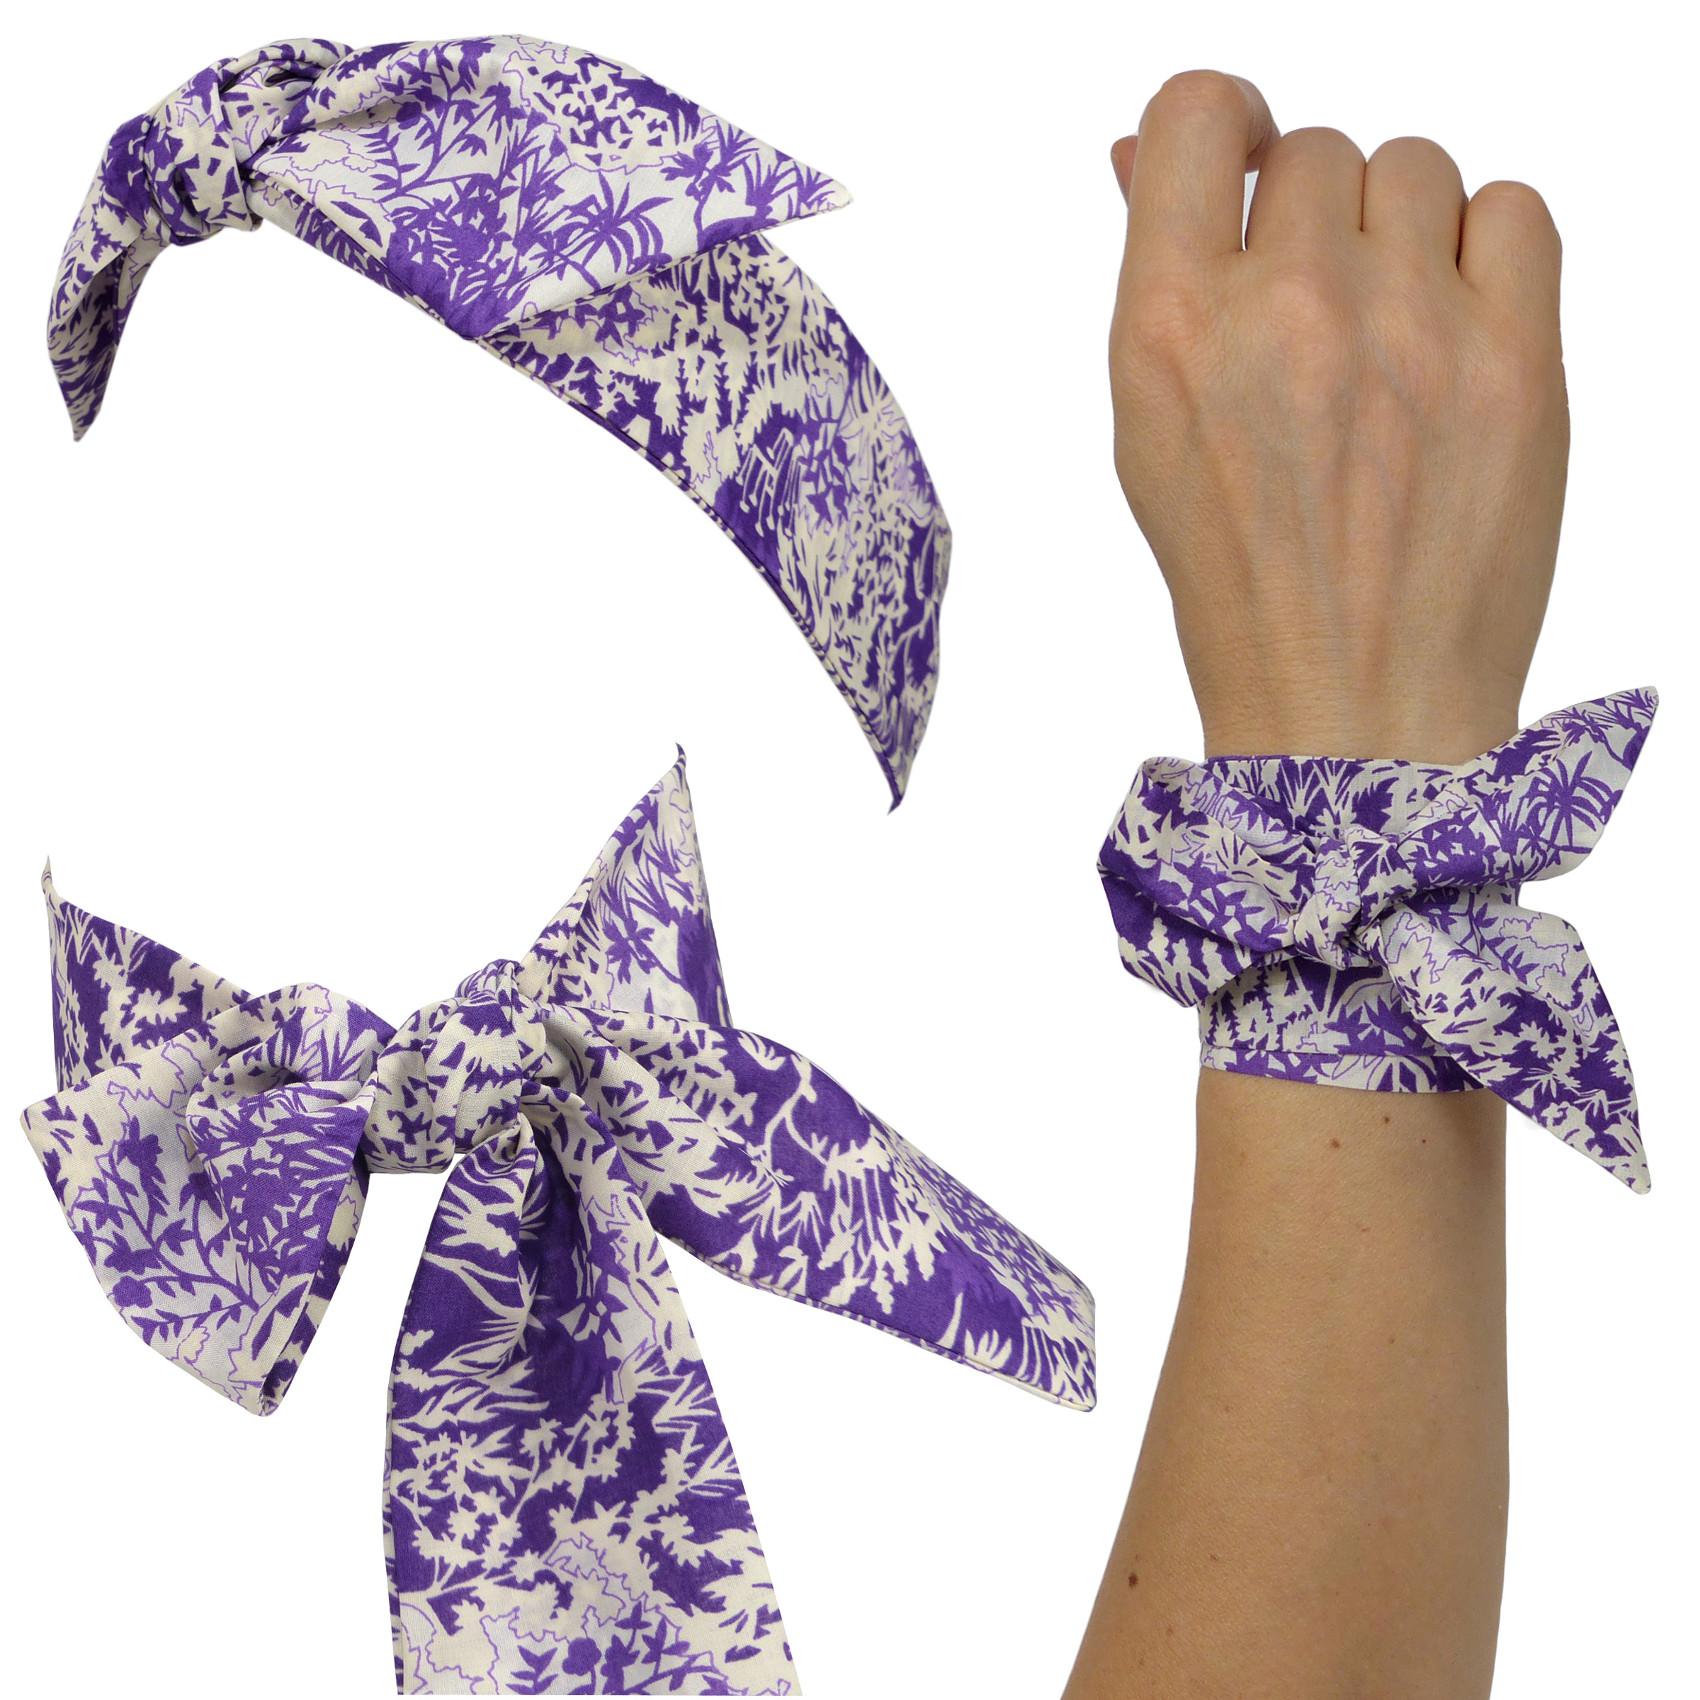 532974d727c5 Petit foulard   Bandeau à nouer en tissu coton Liberty of London, Motif  floral